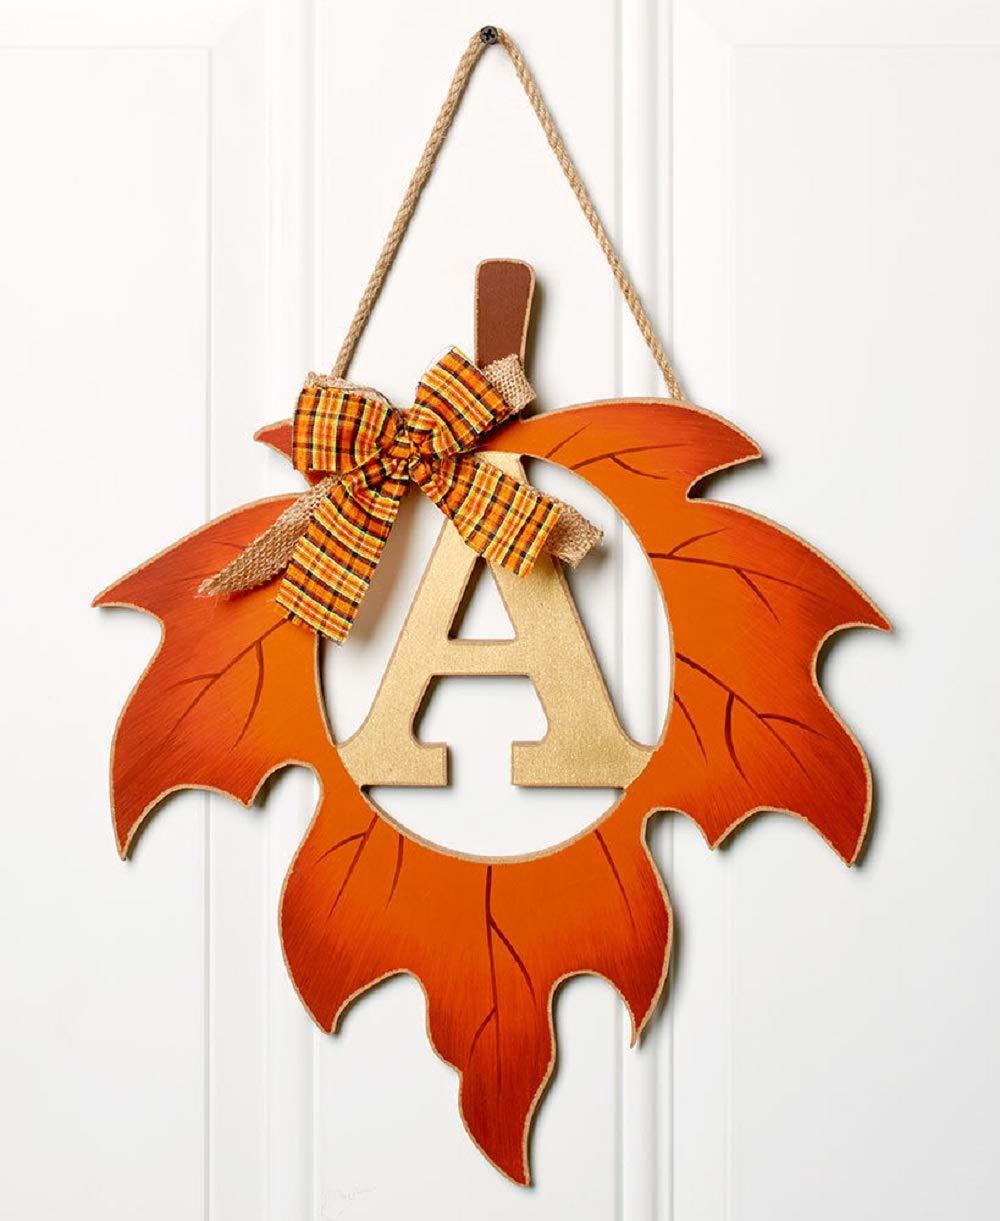 ginsengstone Harvest Leaf Monogram Letter A, Door Hanger Fall Thanksgiving Seasonal Home Decor